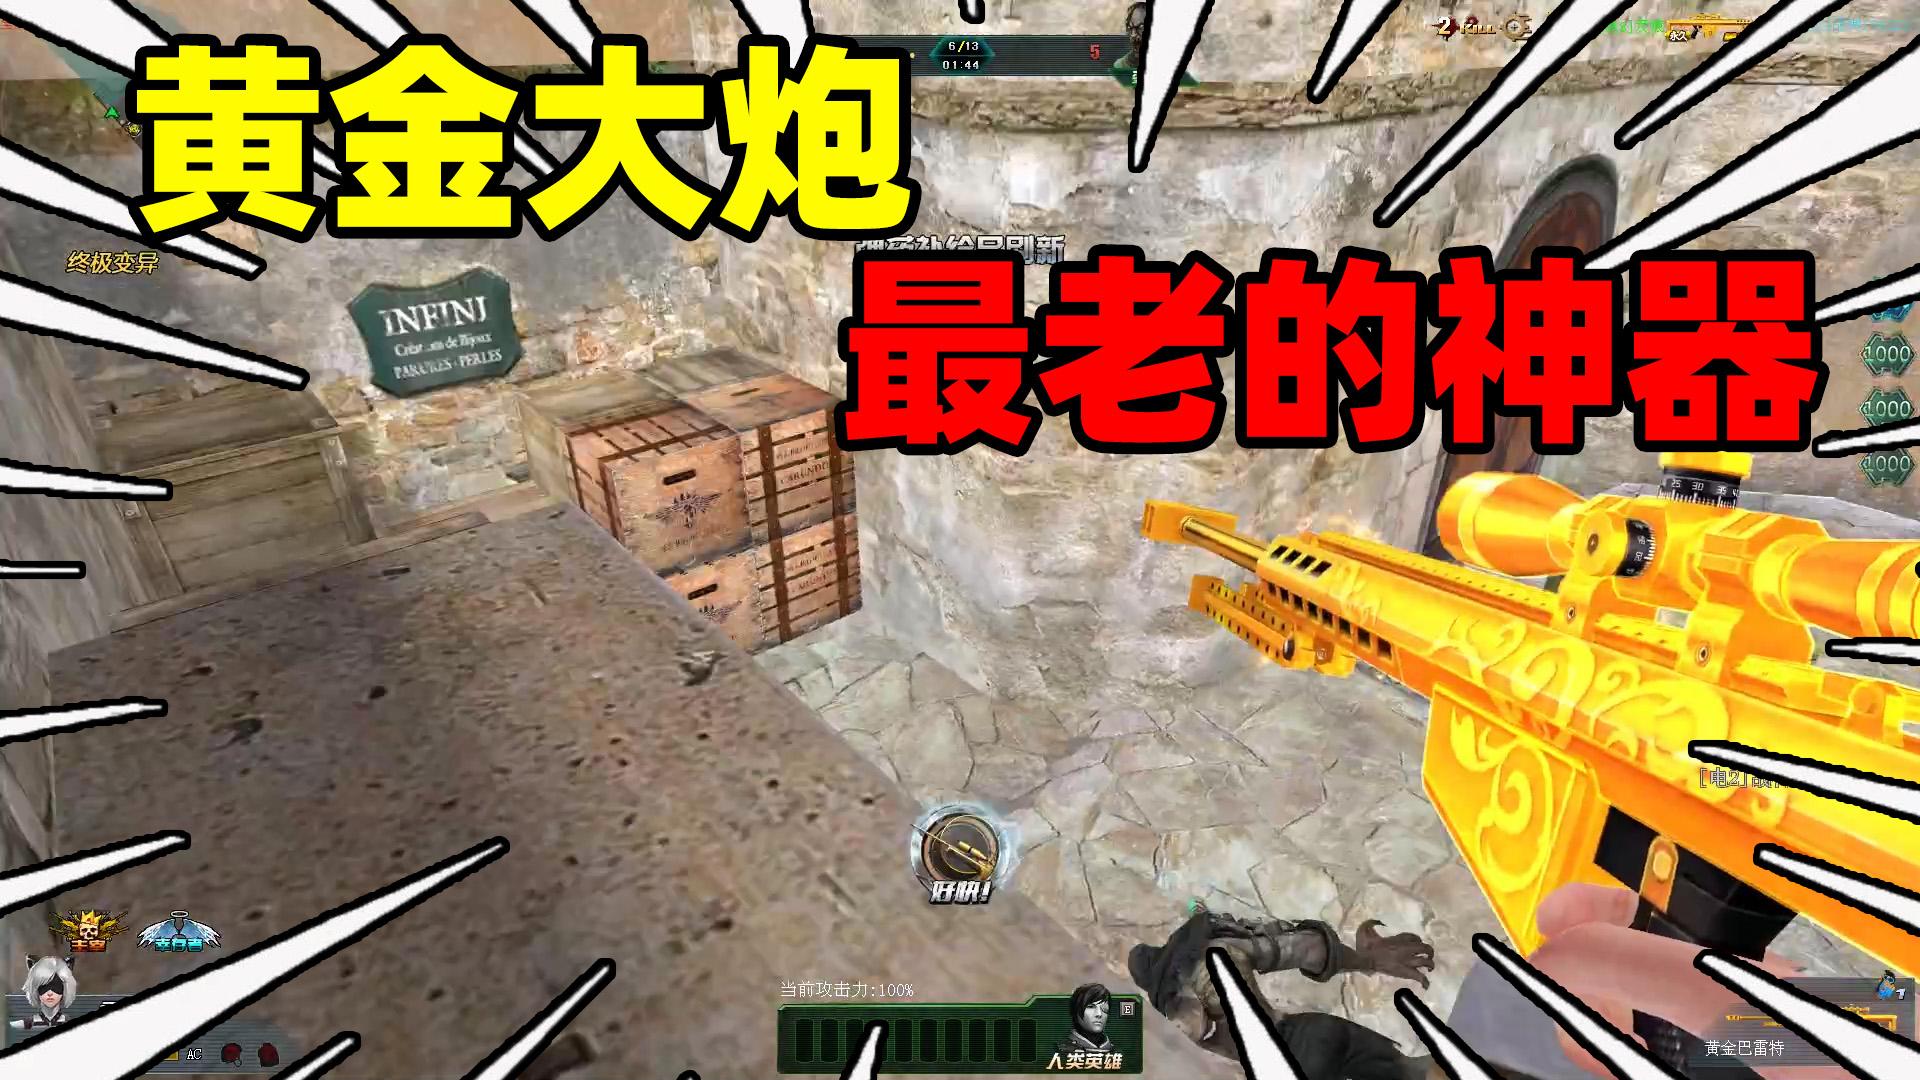 生死狙击:黄金大炮是否过气?没想到配上终焉这个组合这么强!